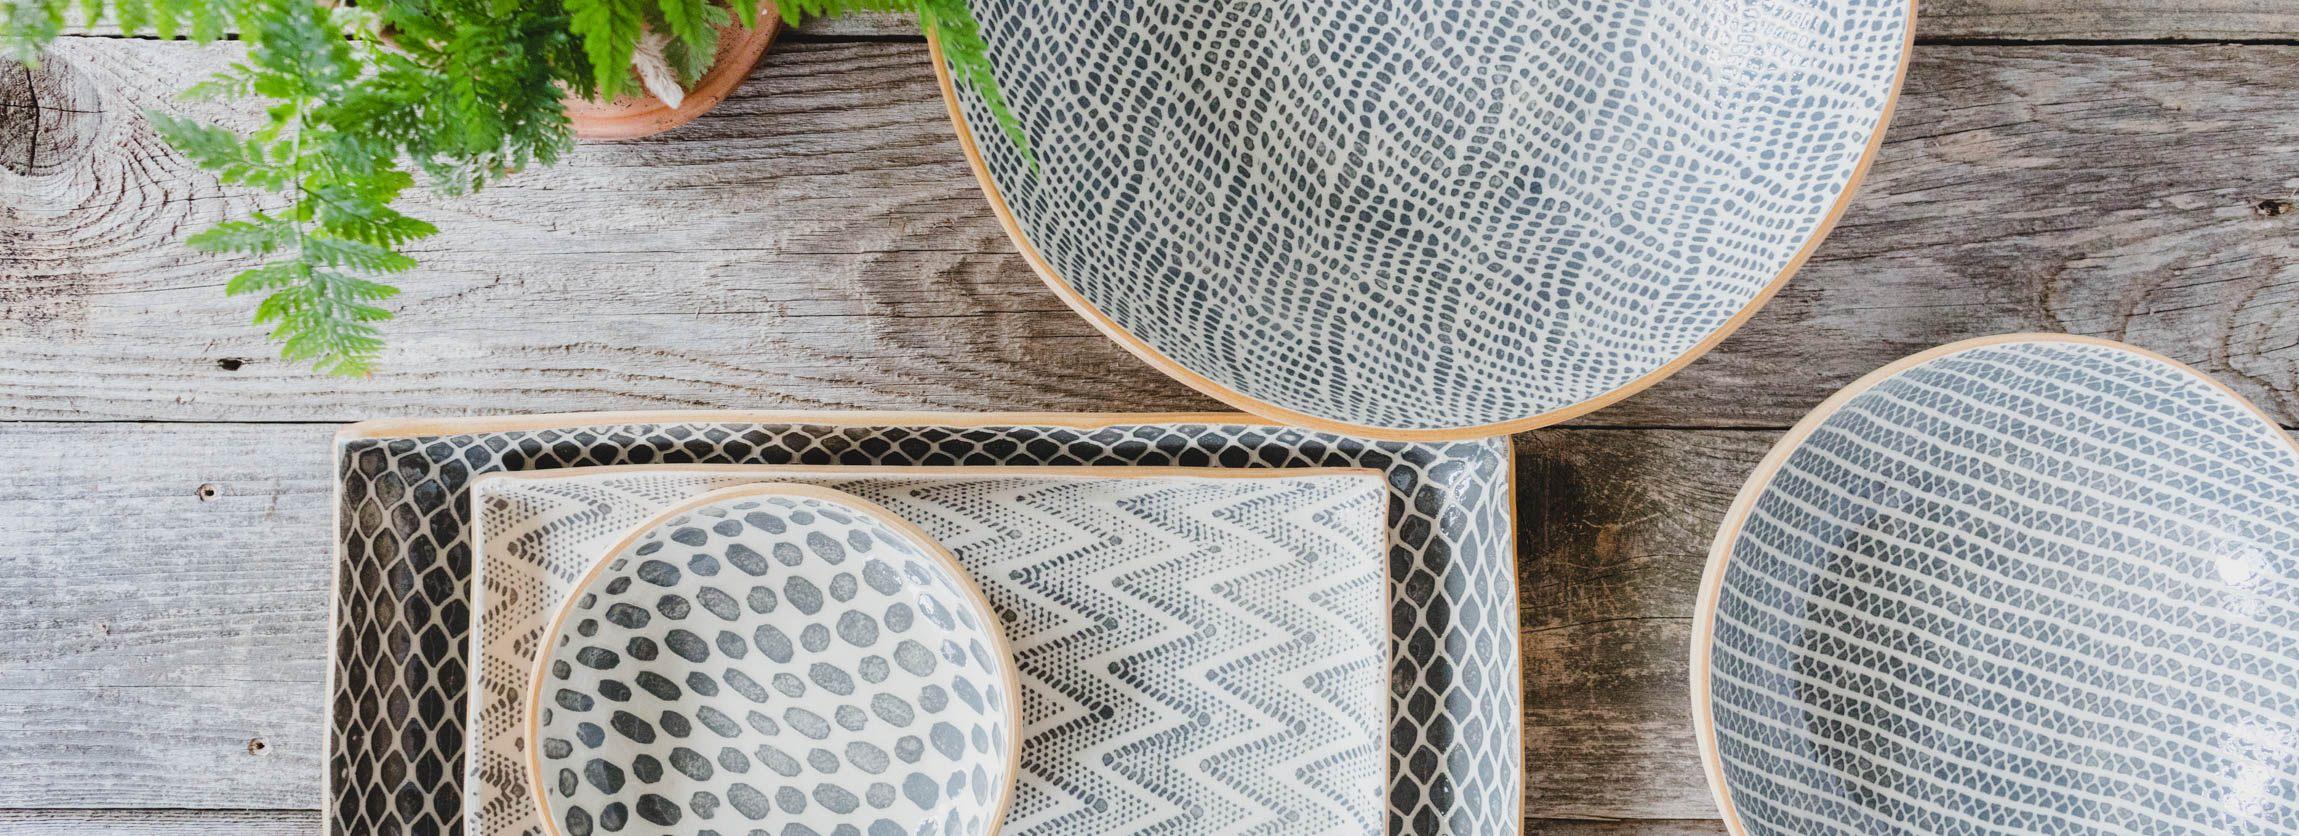 Terrafirma Ceramics Charcoal Bowls and Platters